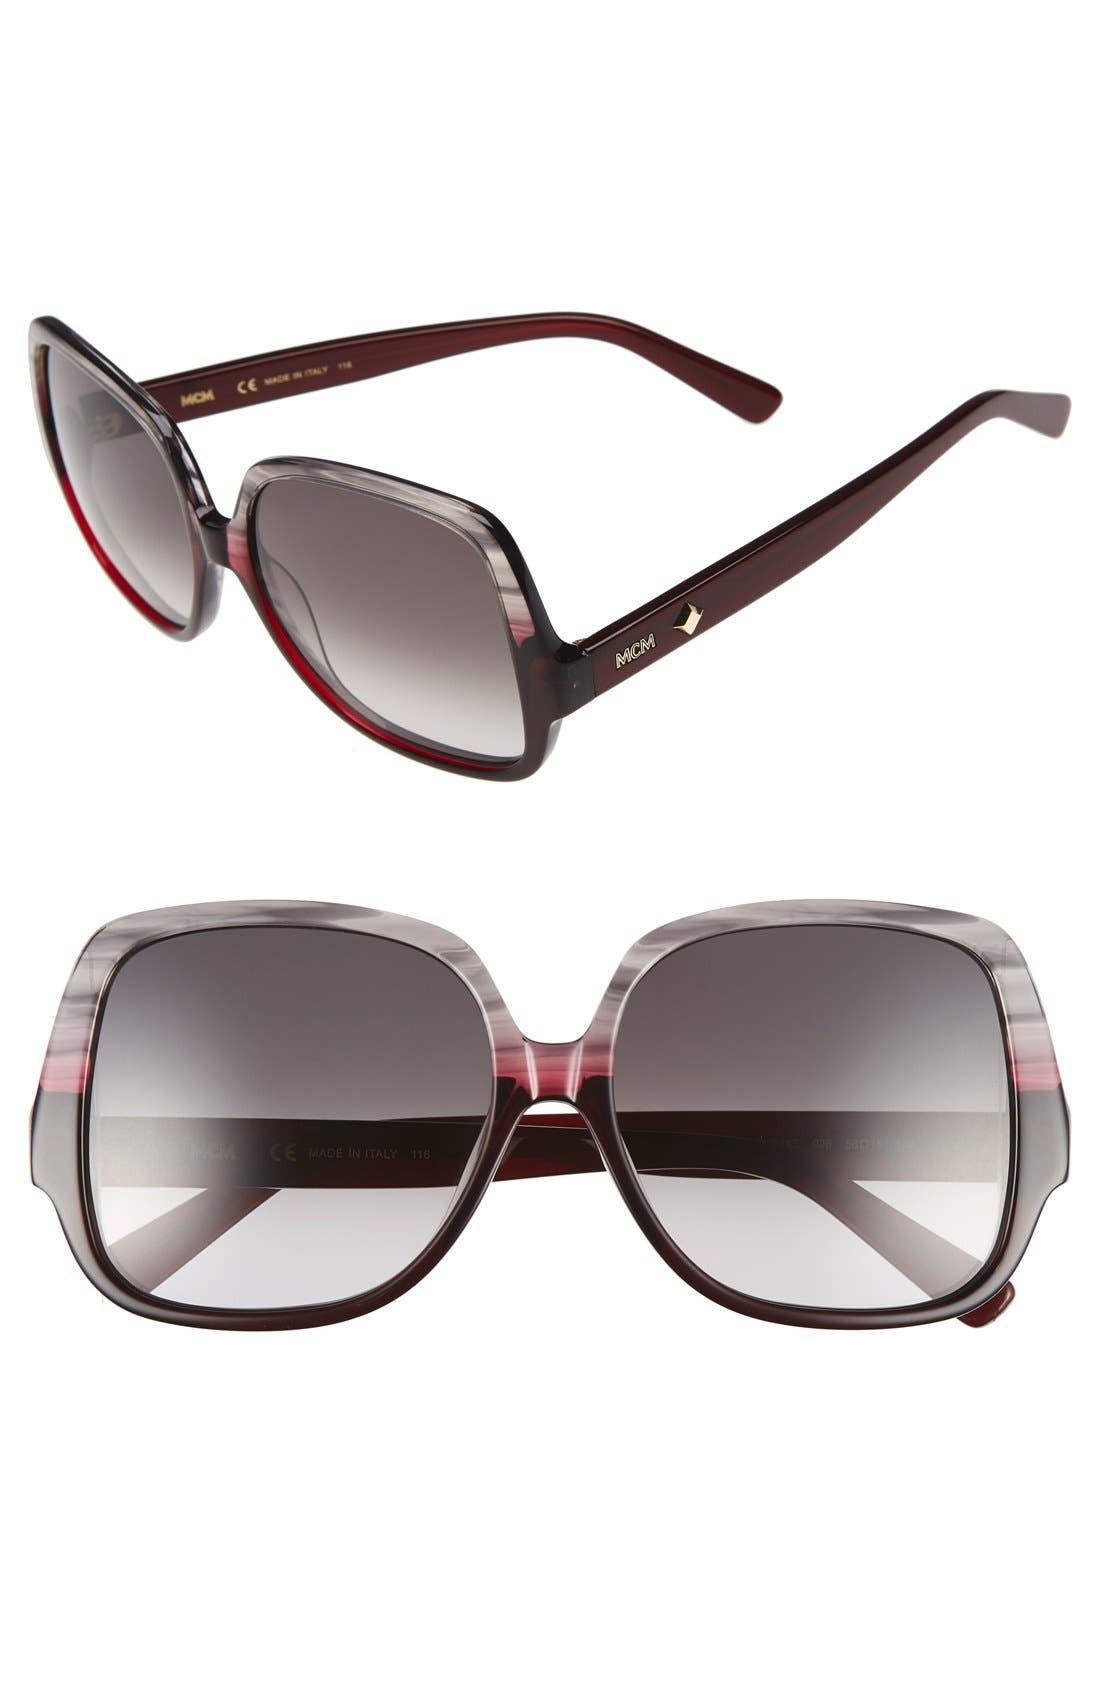 MCM 58mm Square Sunglasses